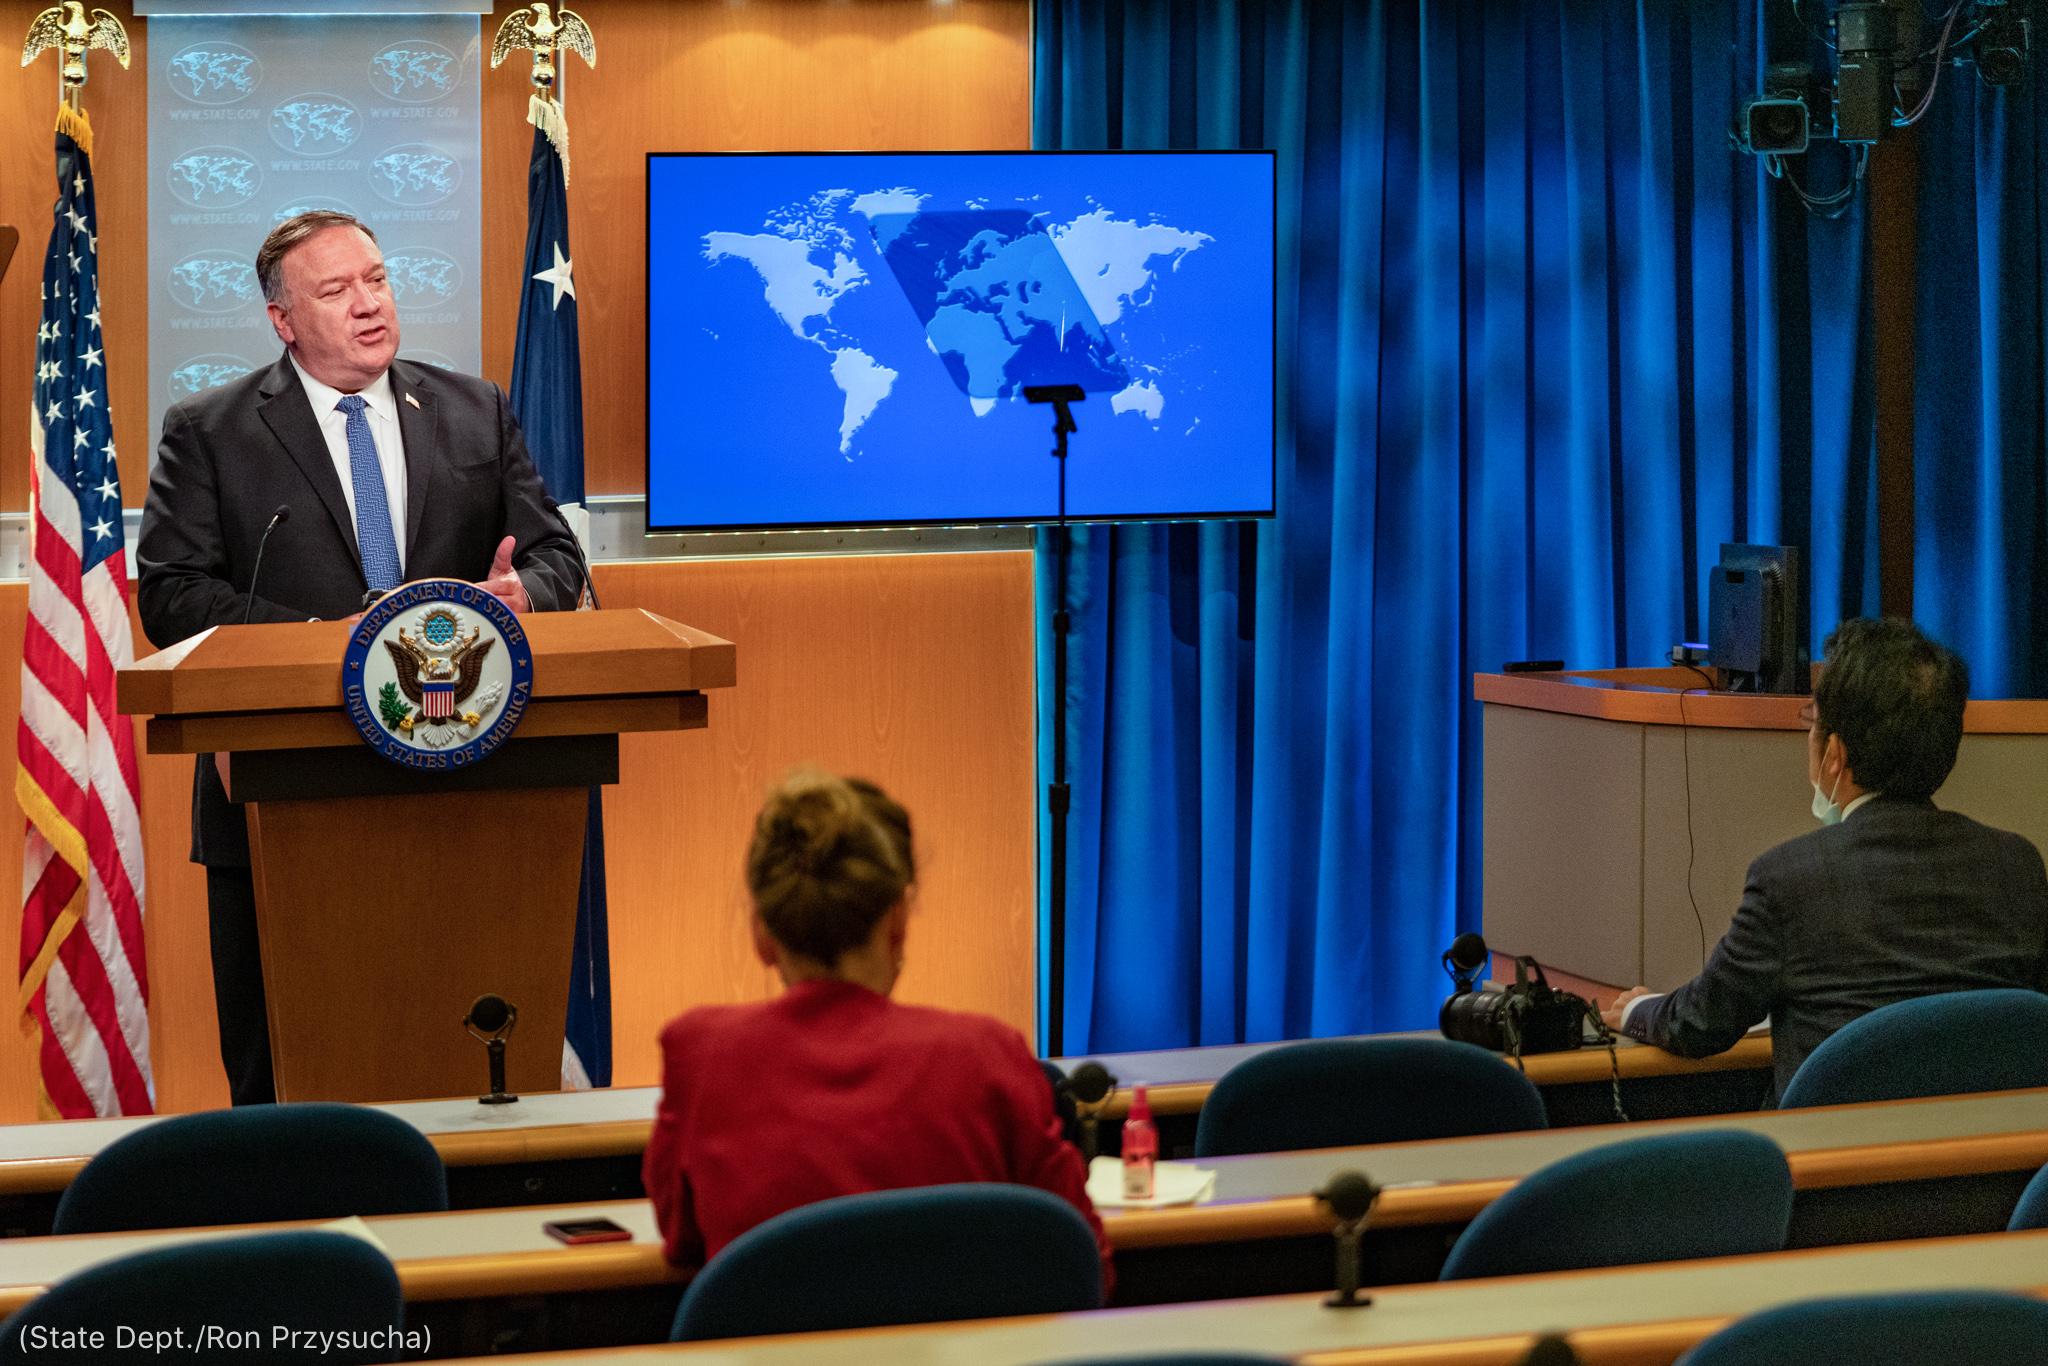 سٹیج پر وزیر خارجہ پومپیو تقریر کر رہے ہیں اور دو بیٹھے ہوئے فرد سن رہے ہیں (State Dept./Ron Przysucha)